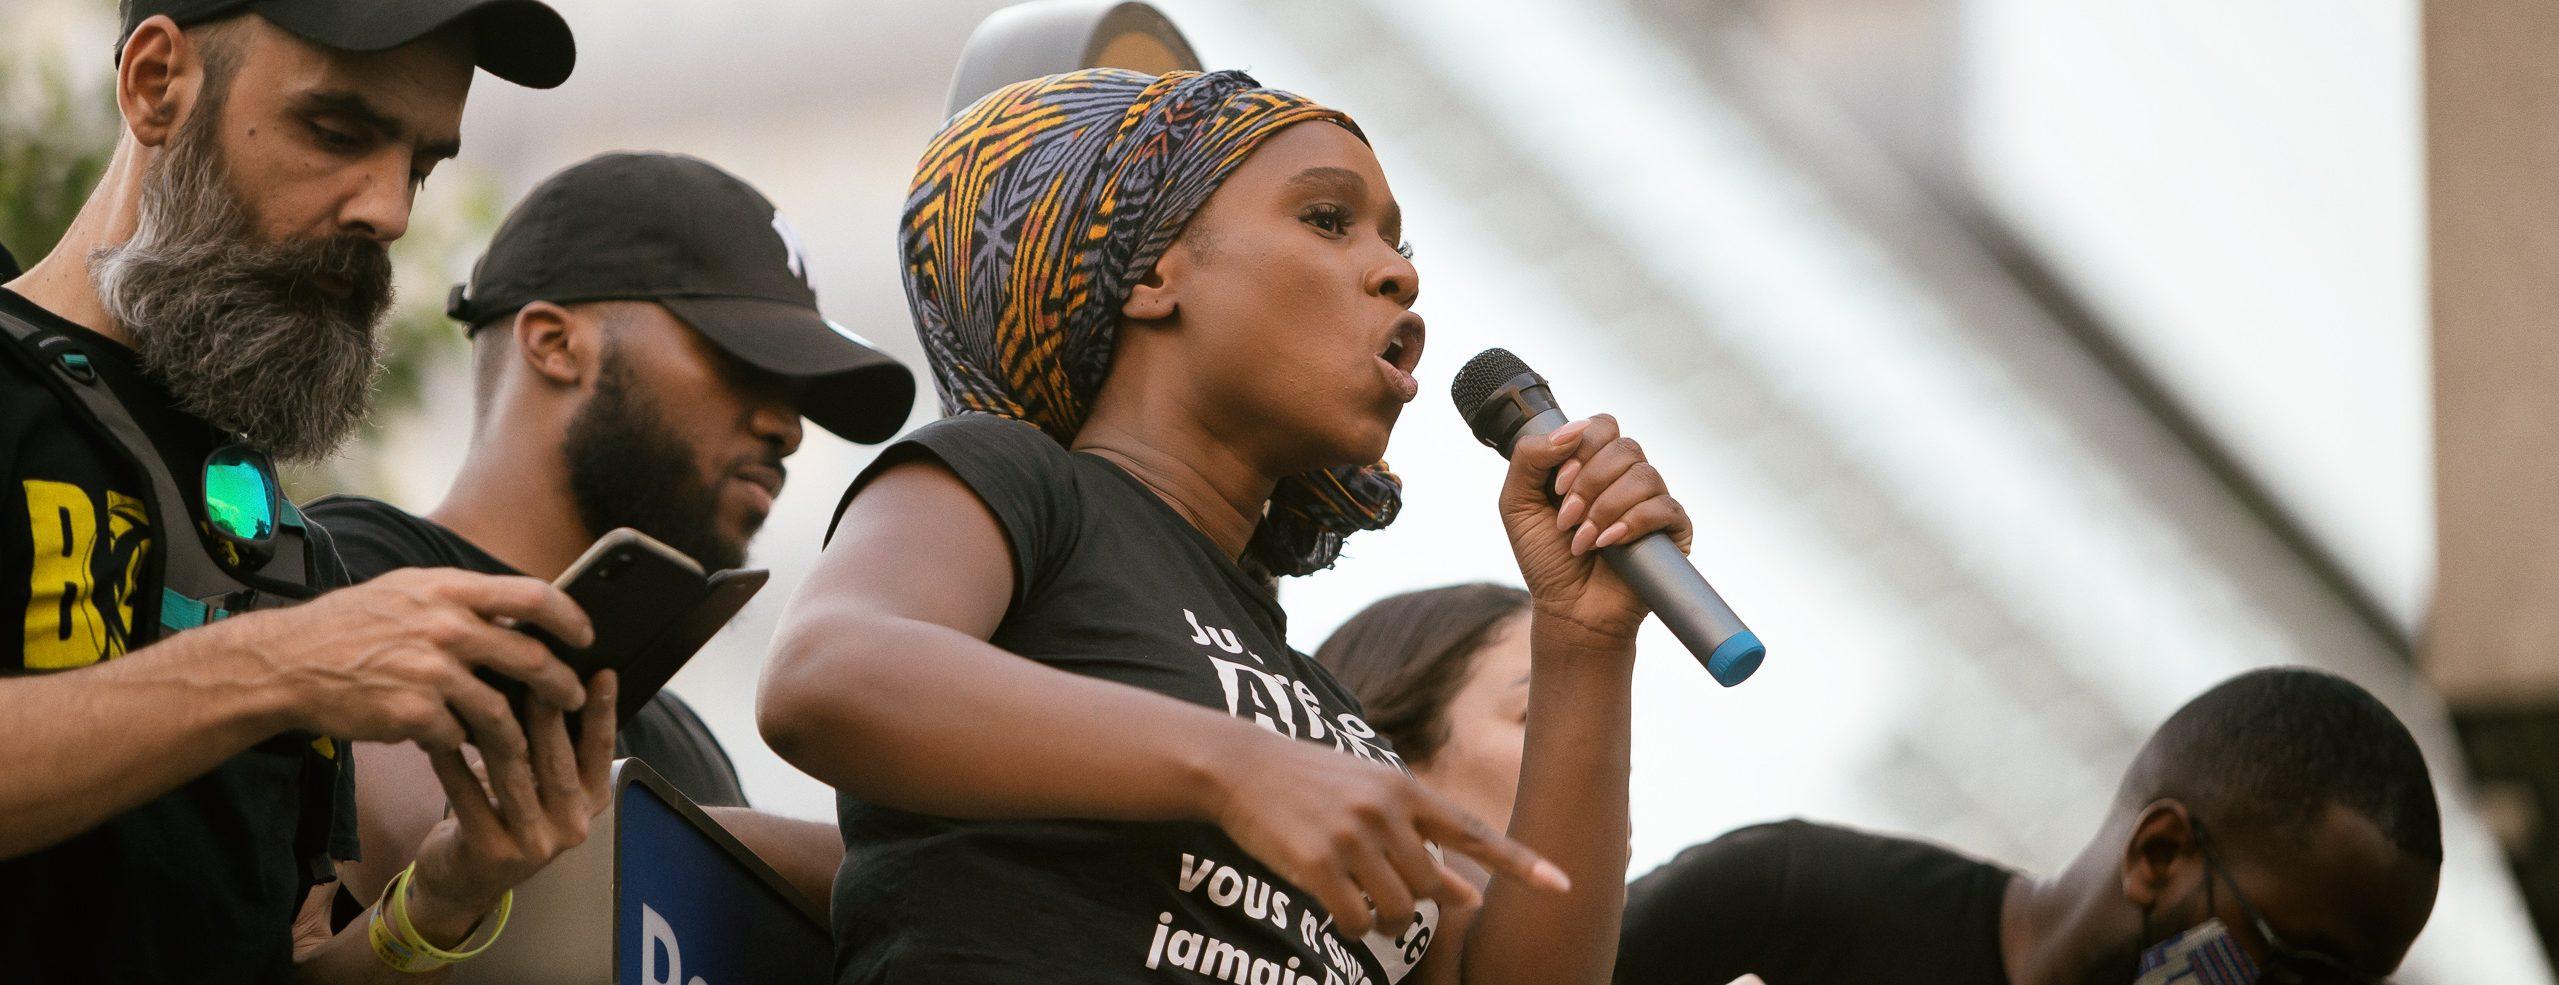 Frankrijk: Massaprotest tegen politiegeweld